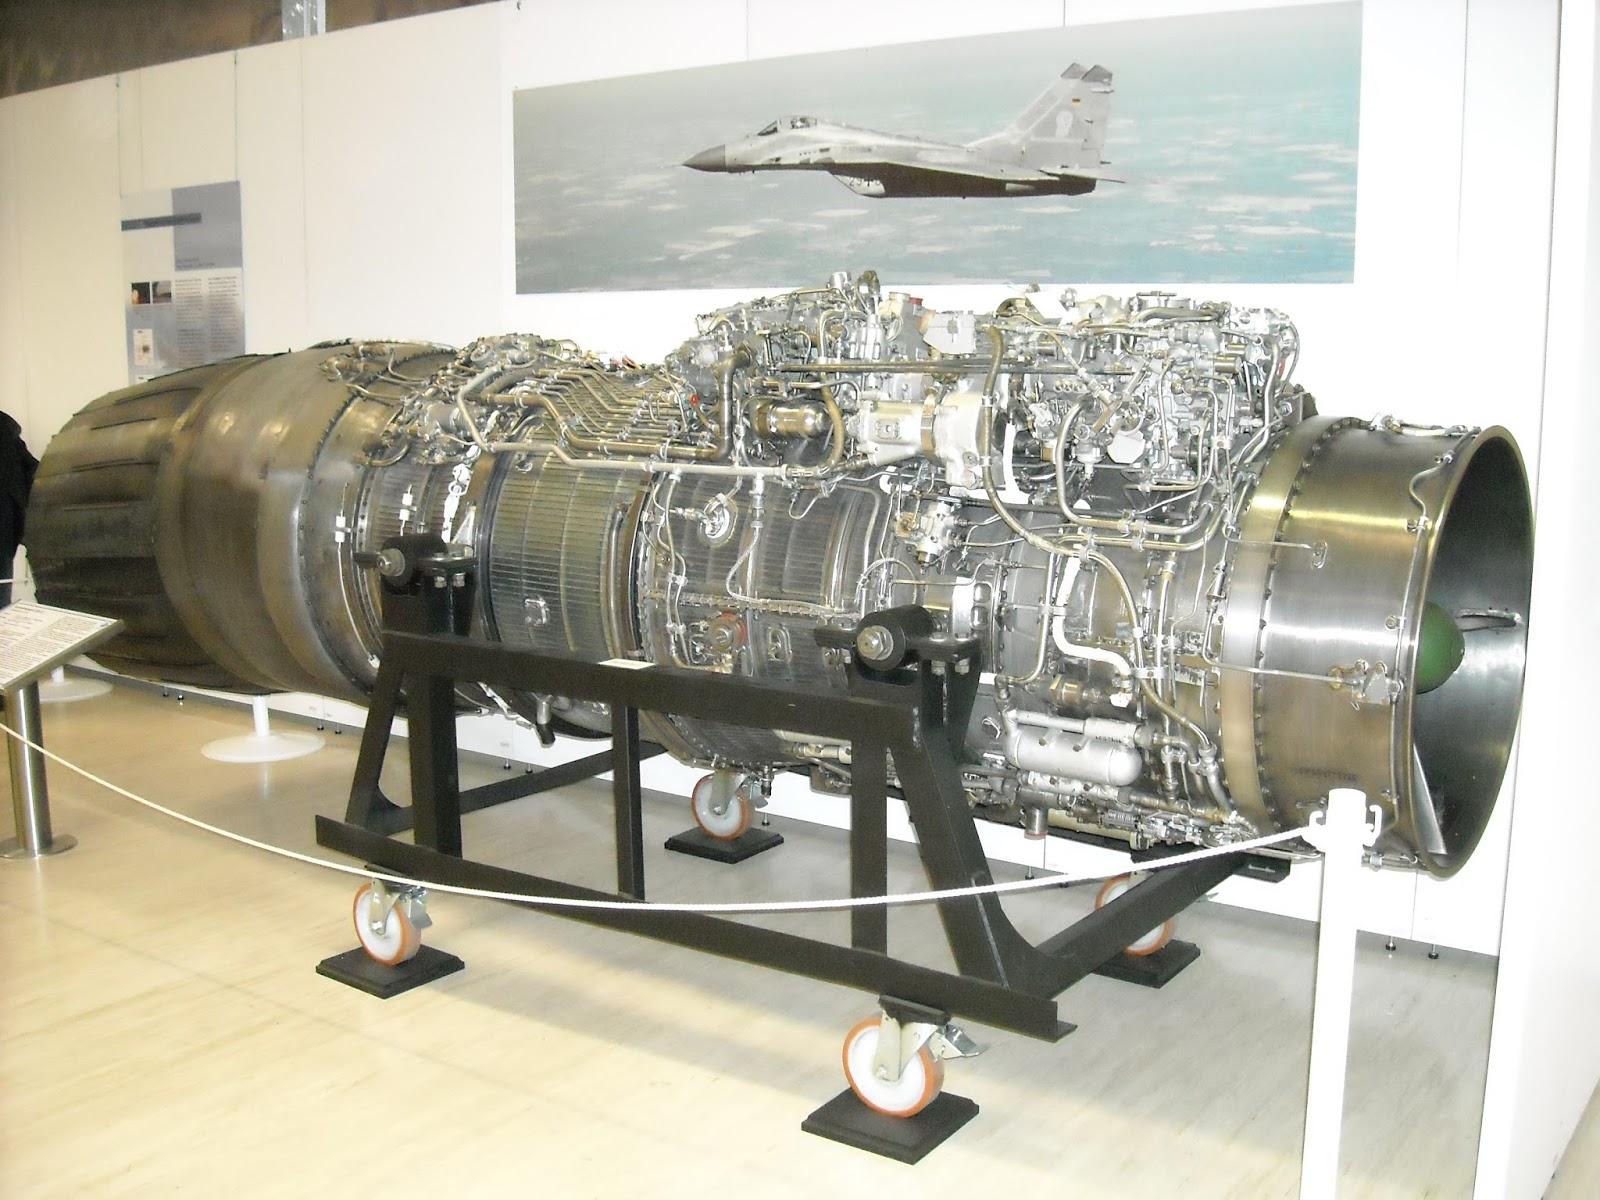 Klimov_RD-33_turbofan_engine